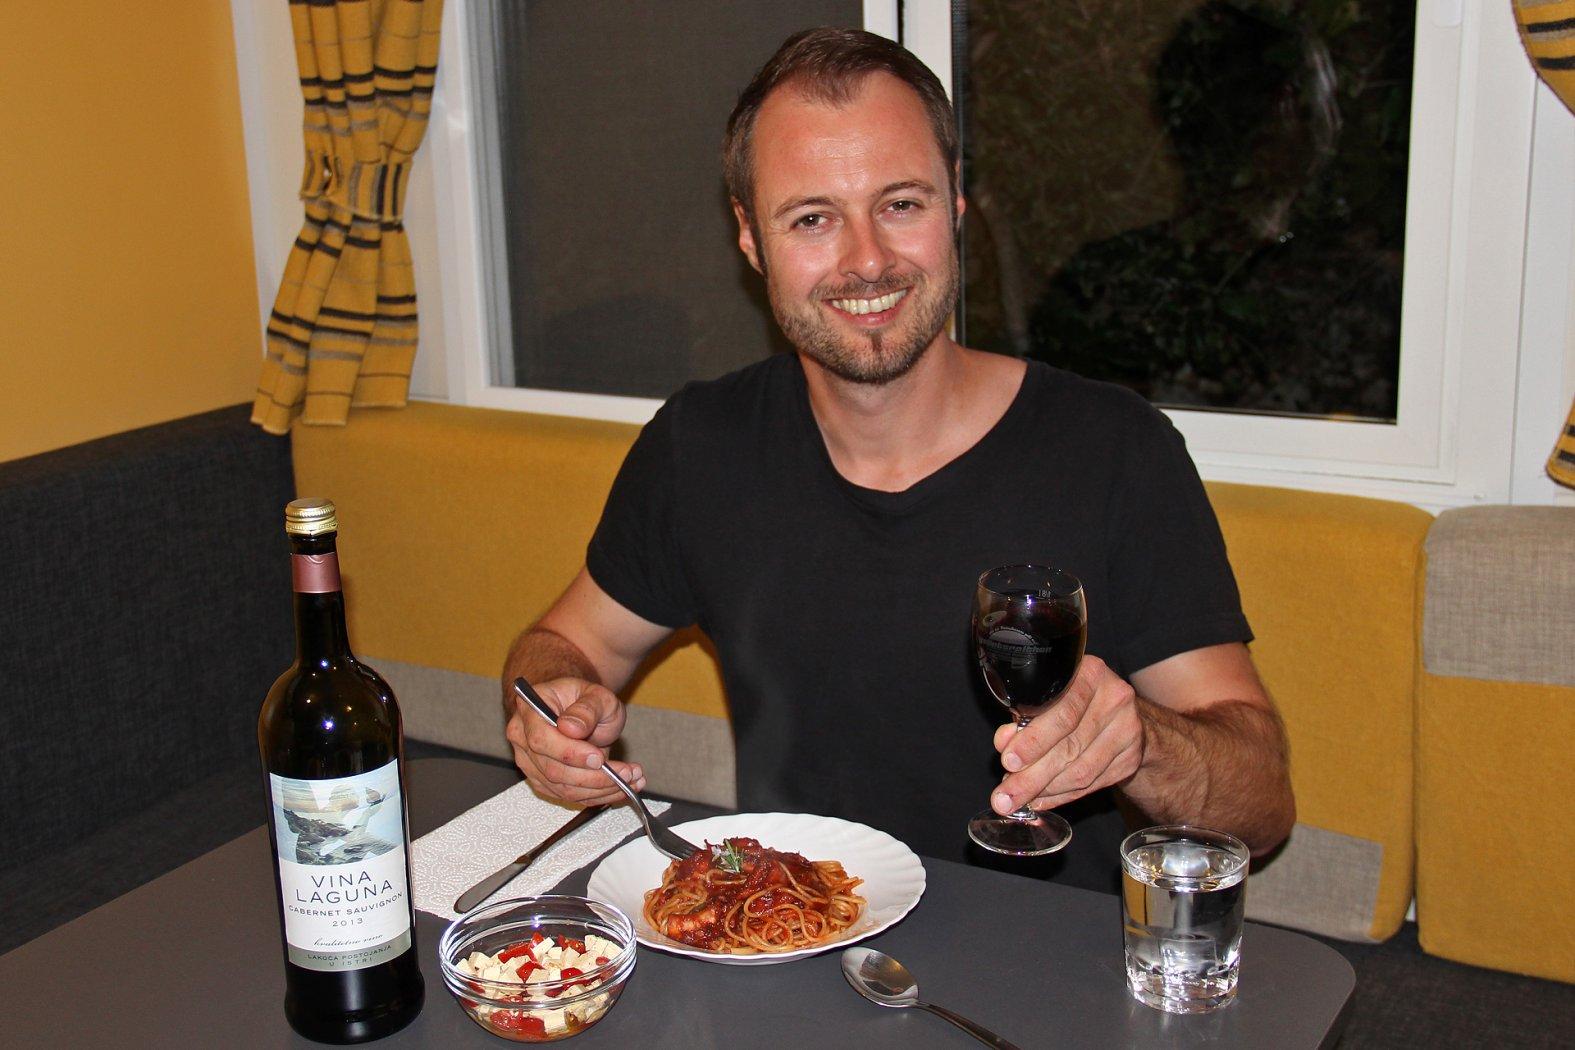 Krake kochen auf italienische Art